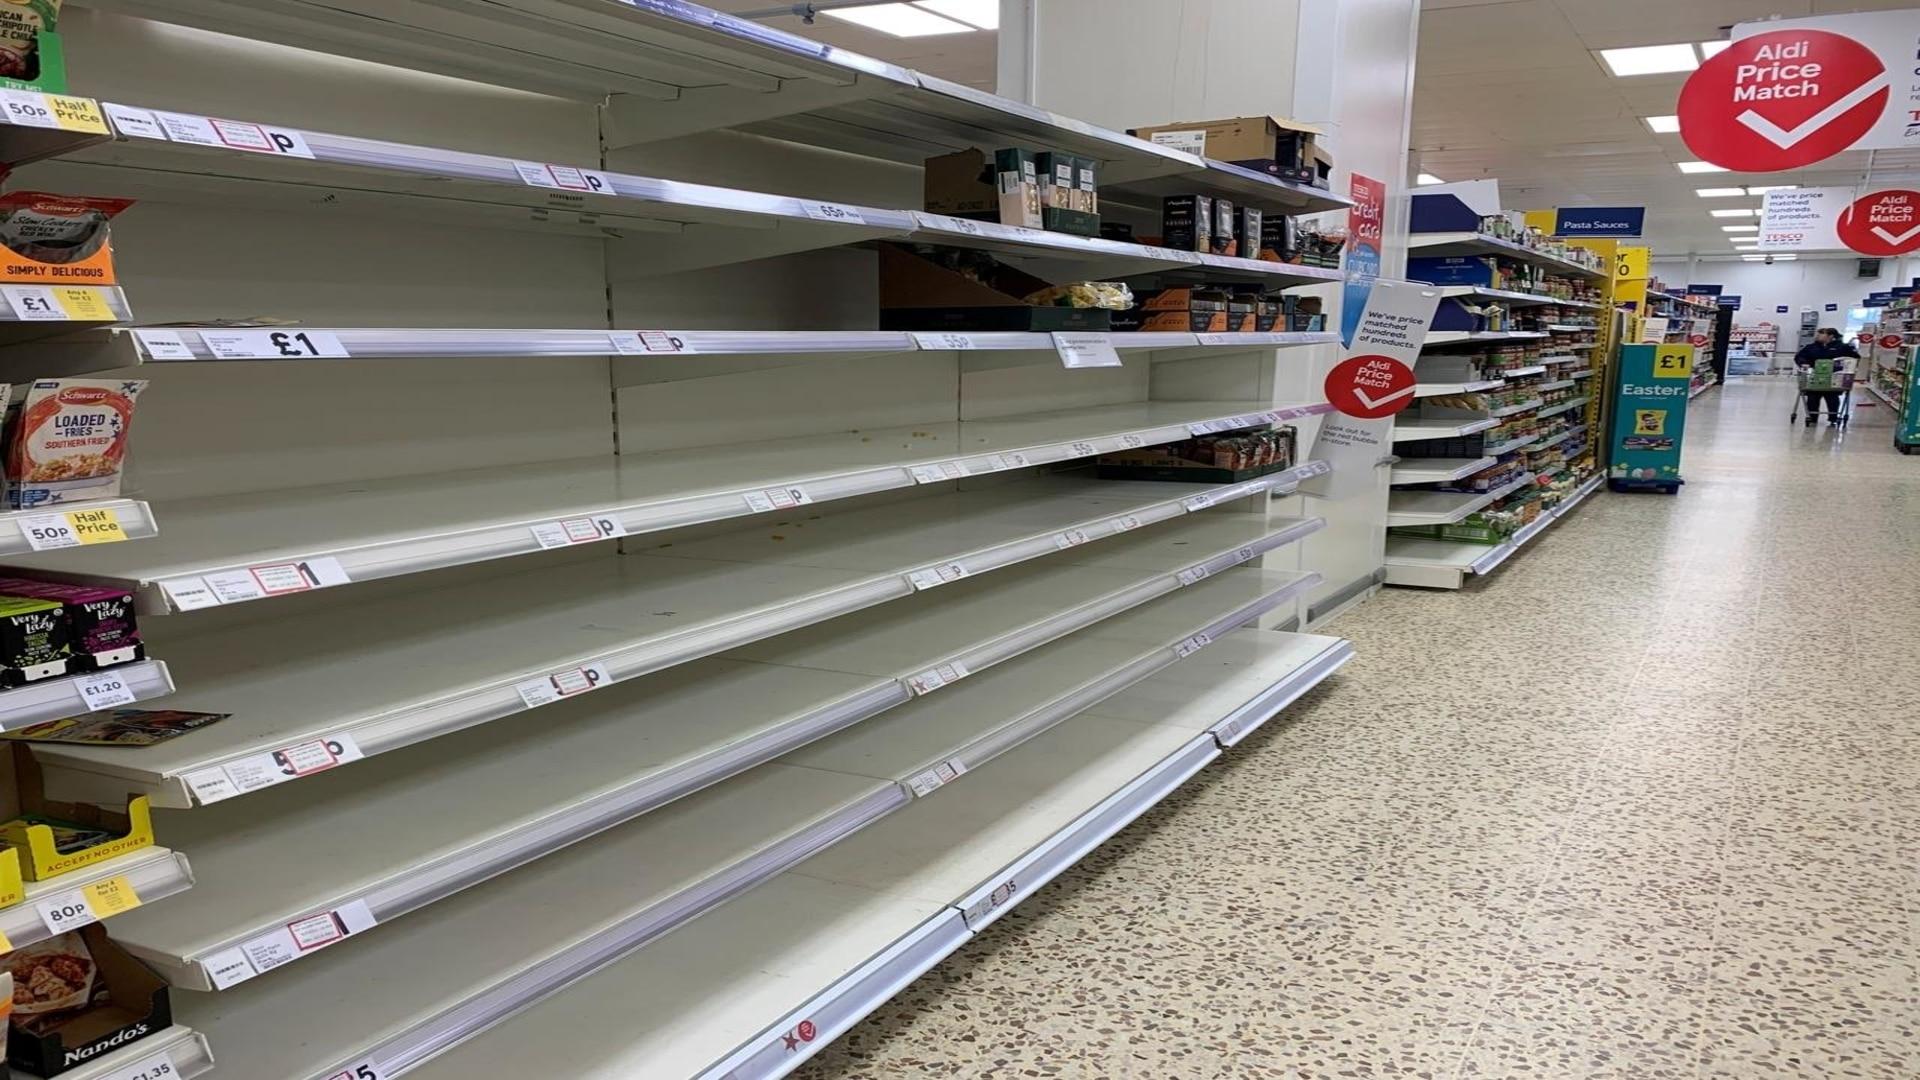 People have rushed towards panic buy ing